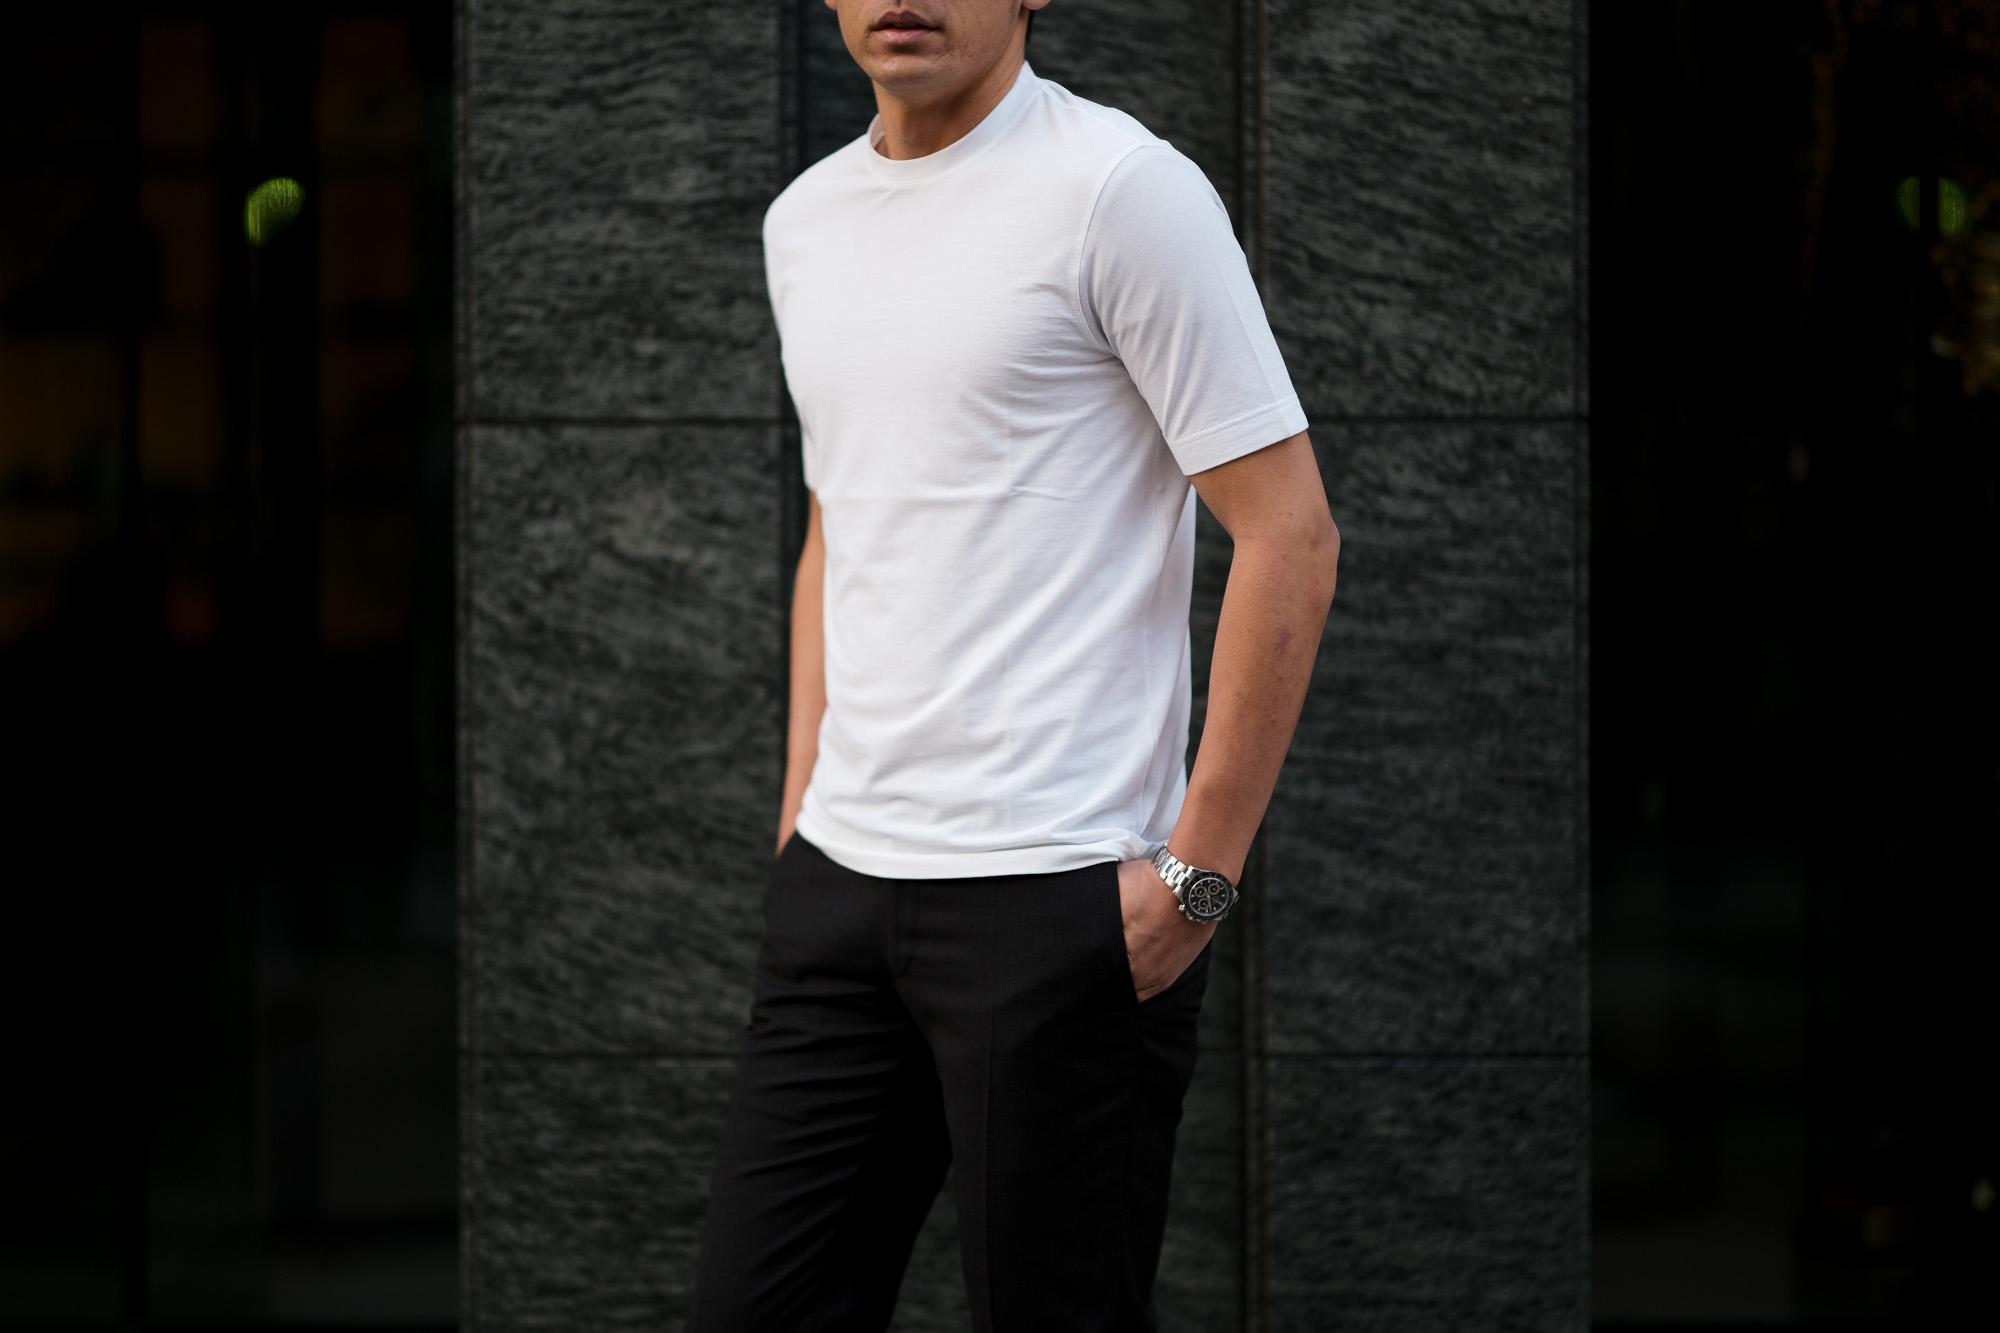 ZANONE(ザノーネ) Crew Neck T-shirt (クルーネックTシャツ) ice cotton アイスコットン Tシャツ WHITE (ホワイト・Z0001) MADE IN ITALY(イタリア製) 2020 春夏 【ご予約受付中】愛知 名古屋 altoediritto アルトエデリット tee 夏Tシャツ